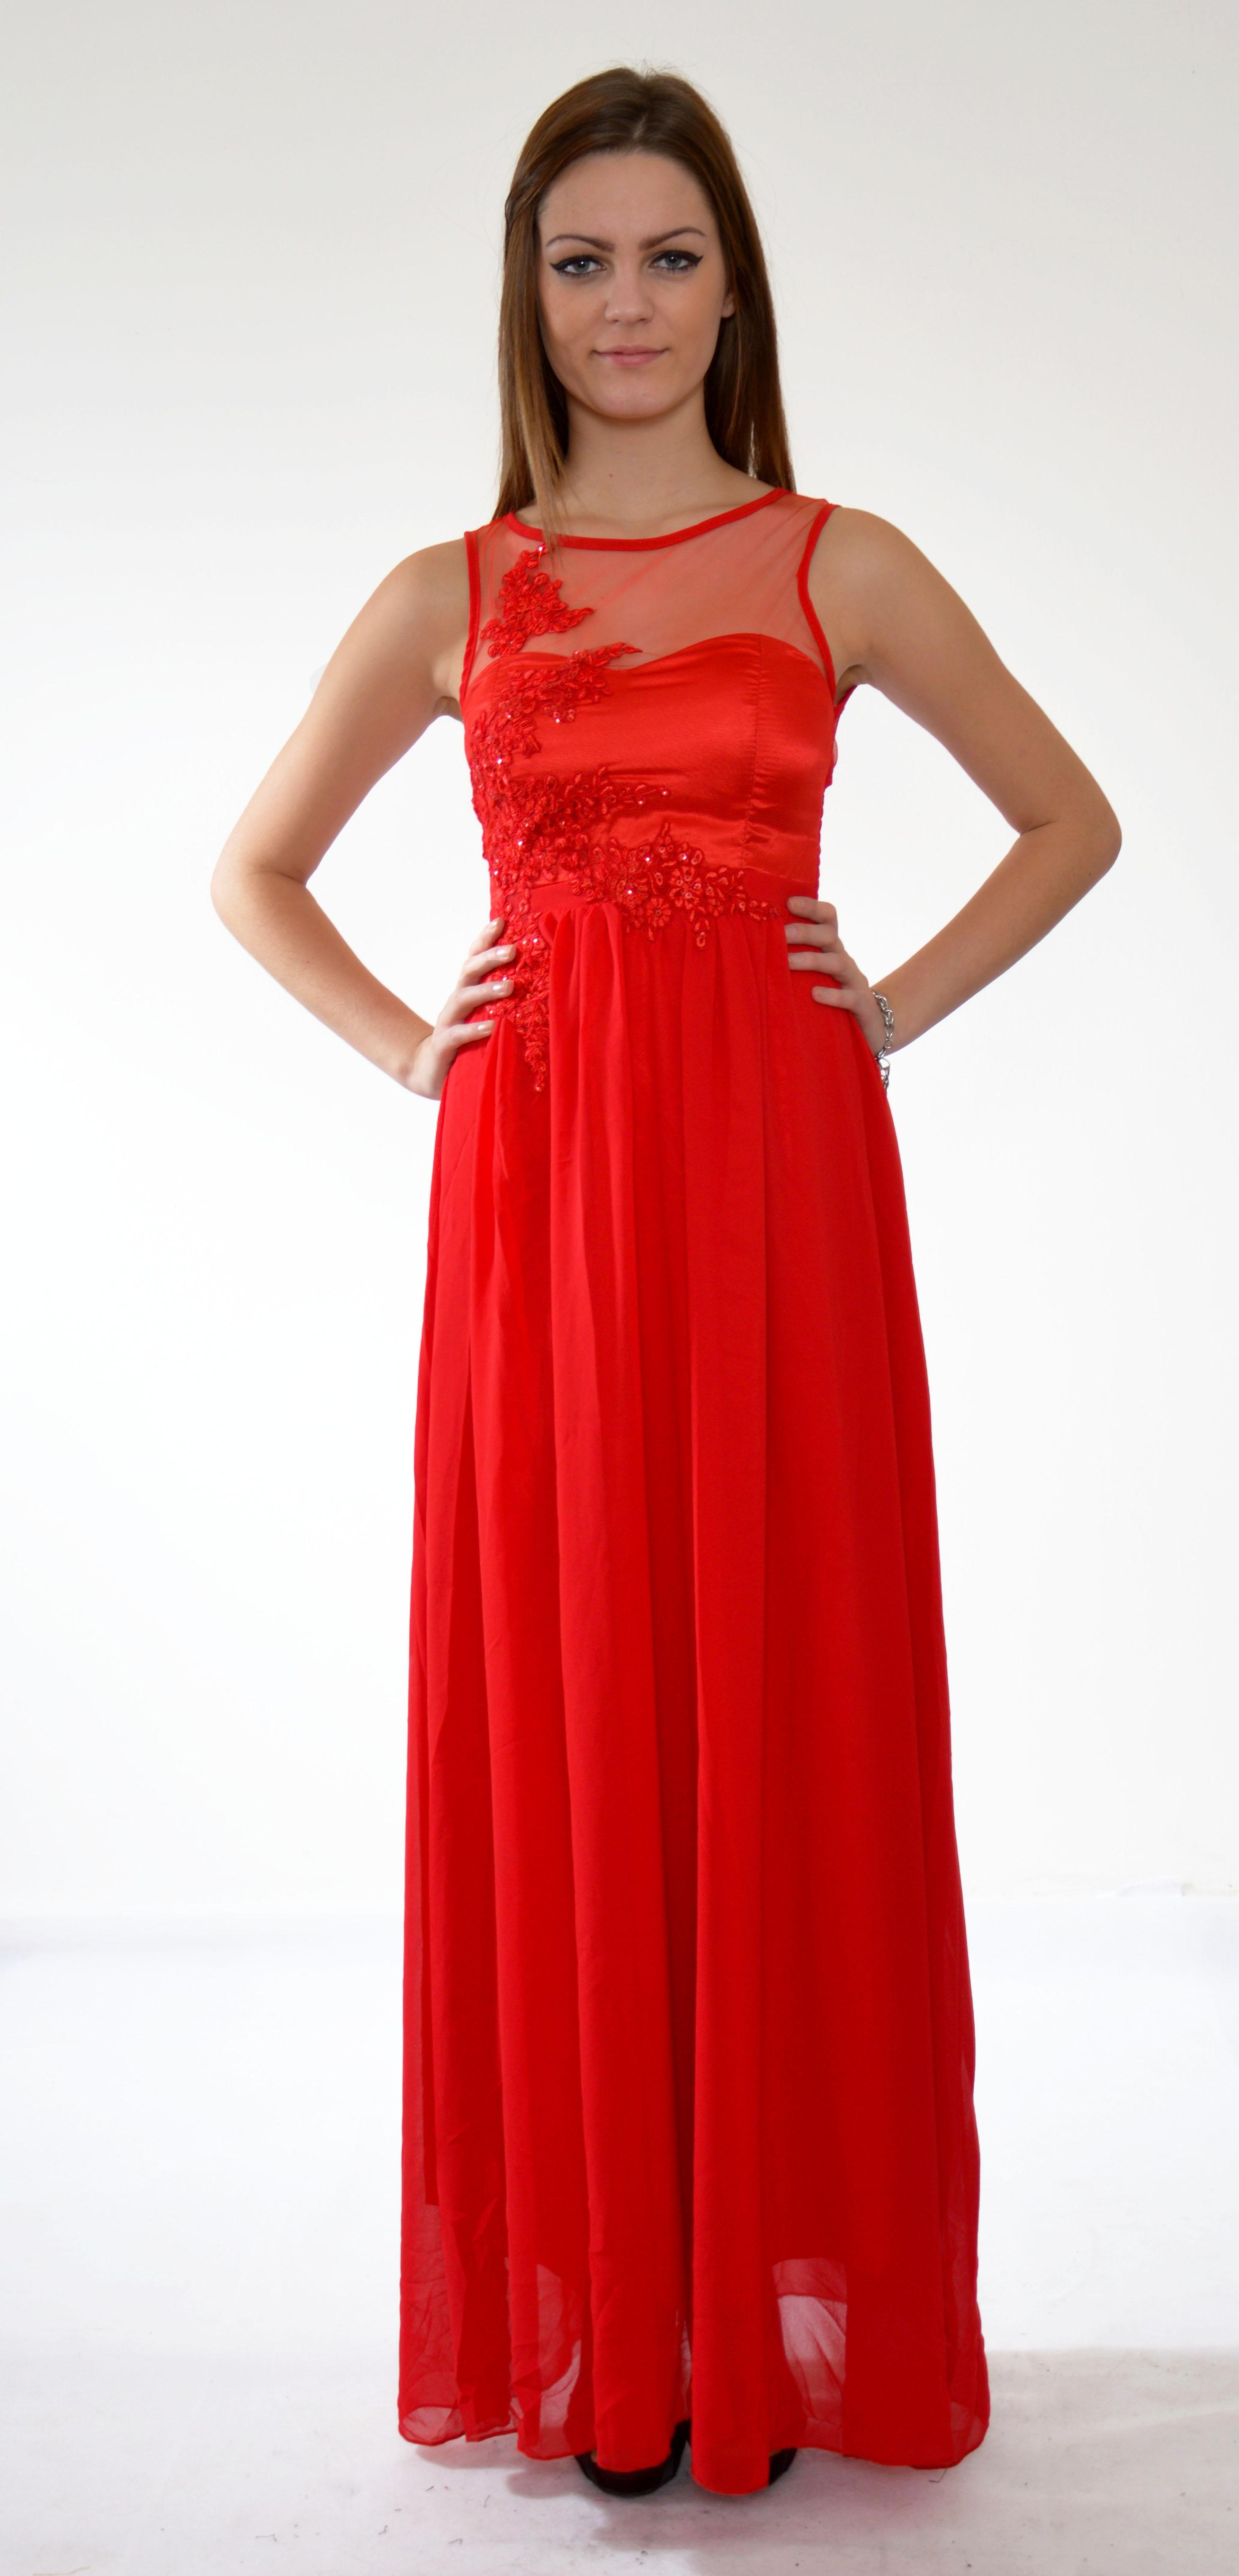 ruzove saty na stuzkovu červené spoločenské šaty s čipkou ... bb090ad3877